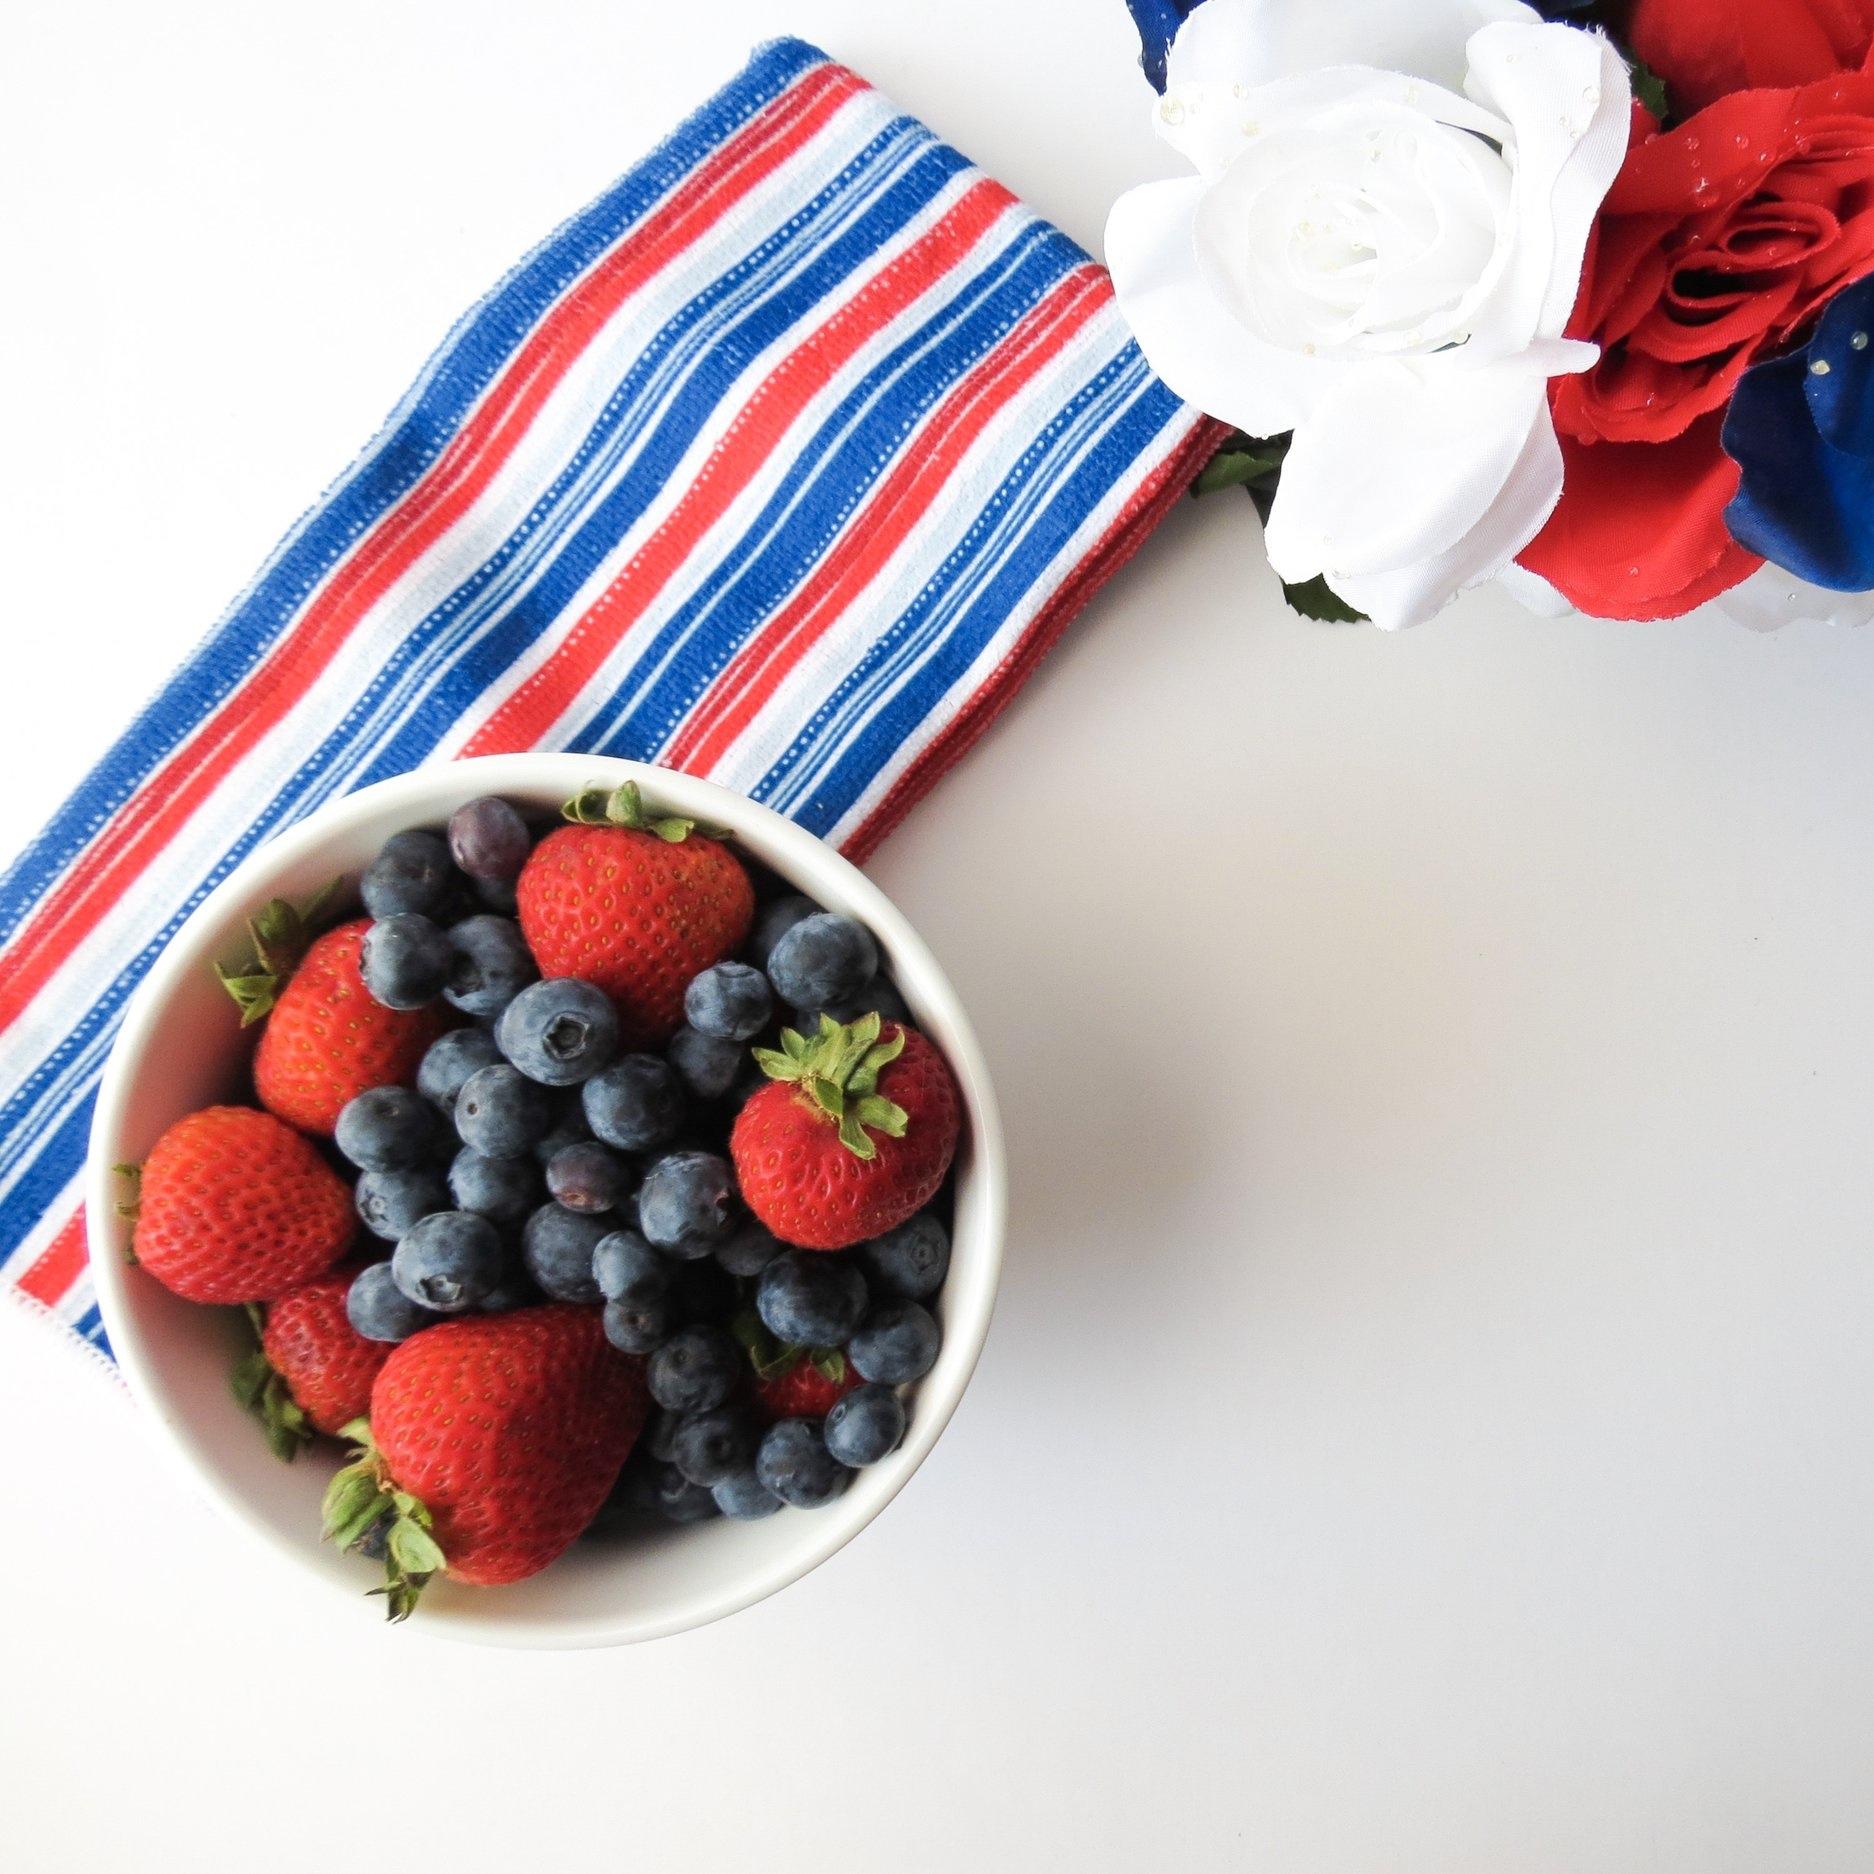 4th-of-july-berries-berry-459554.jpg